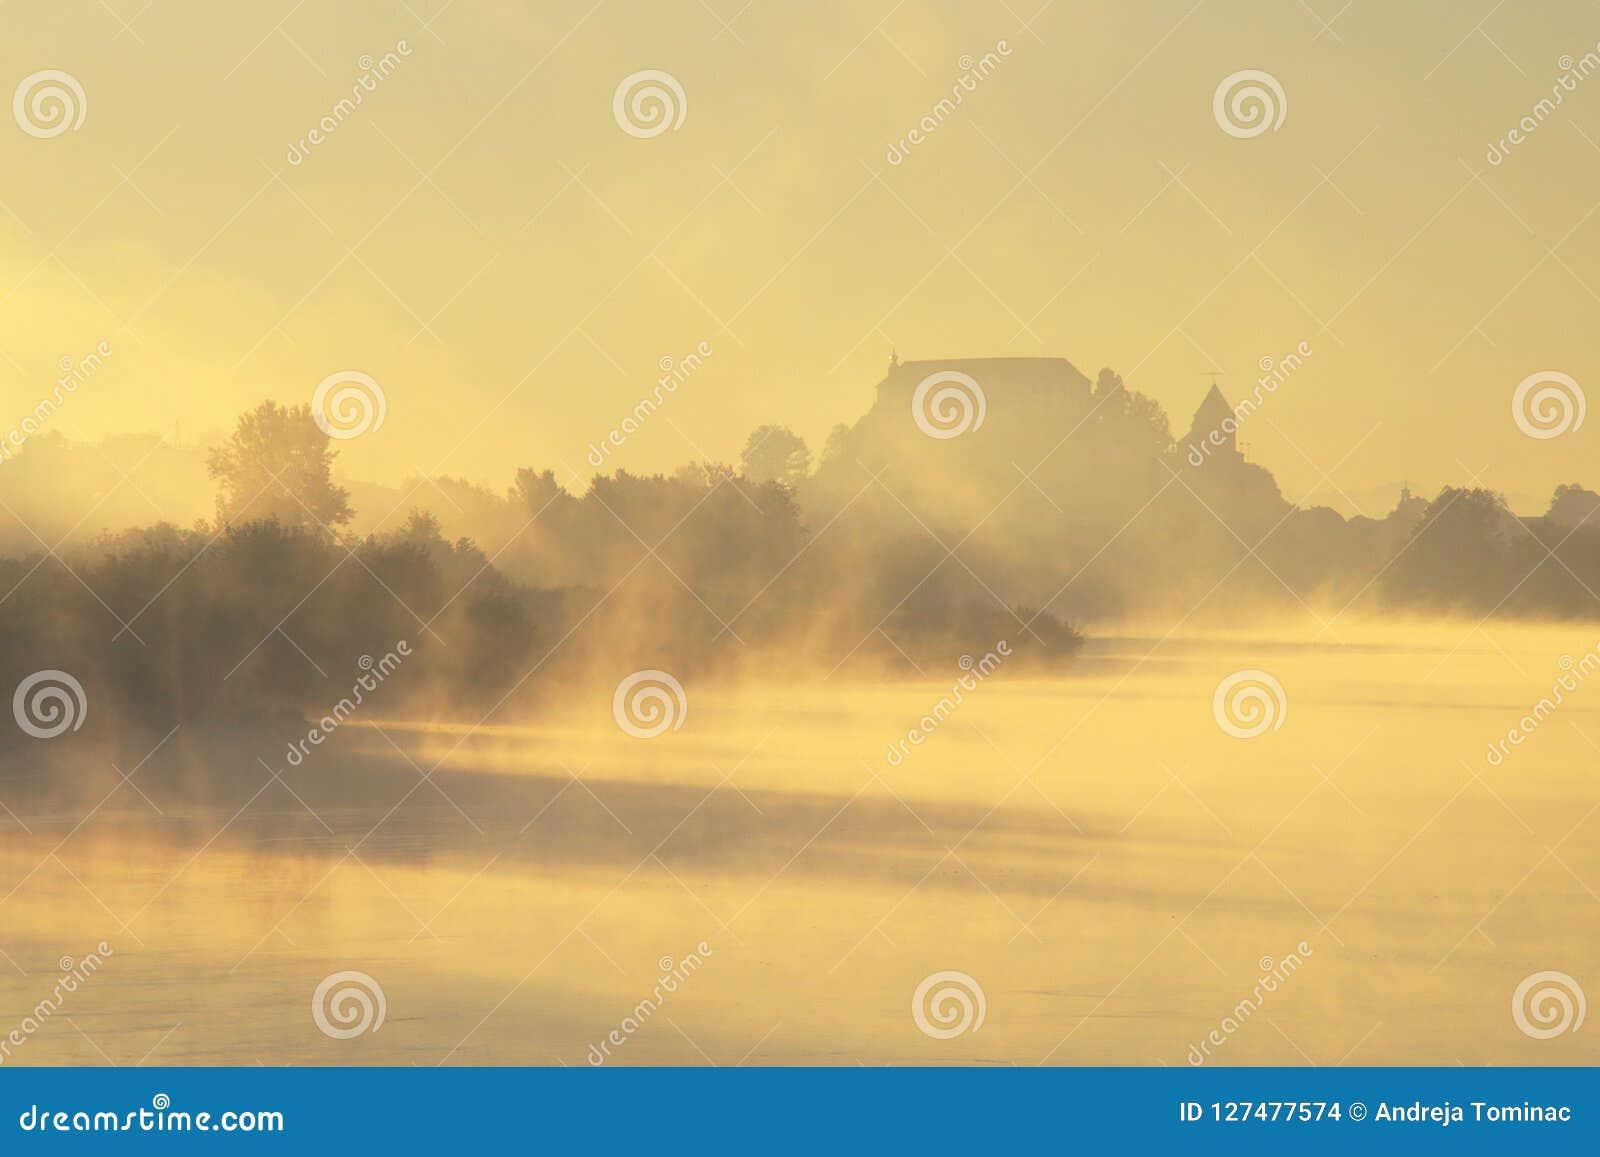 Castello misterioso in autunno nebbioso